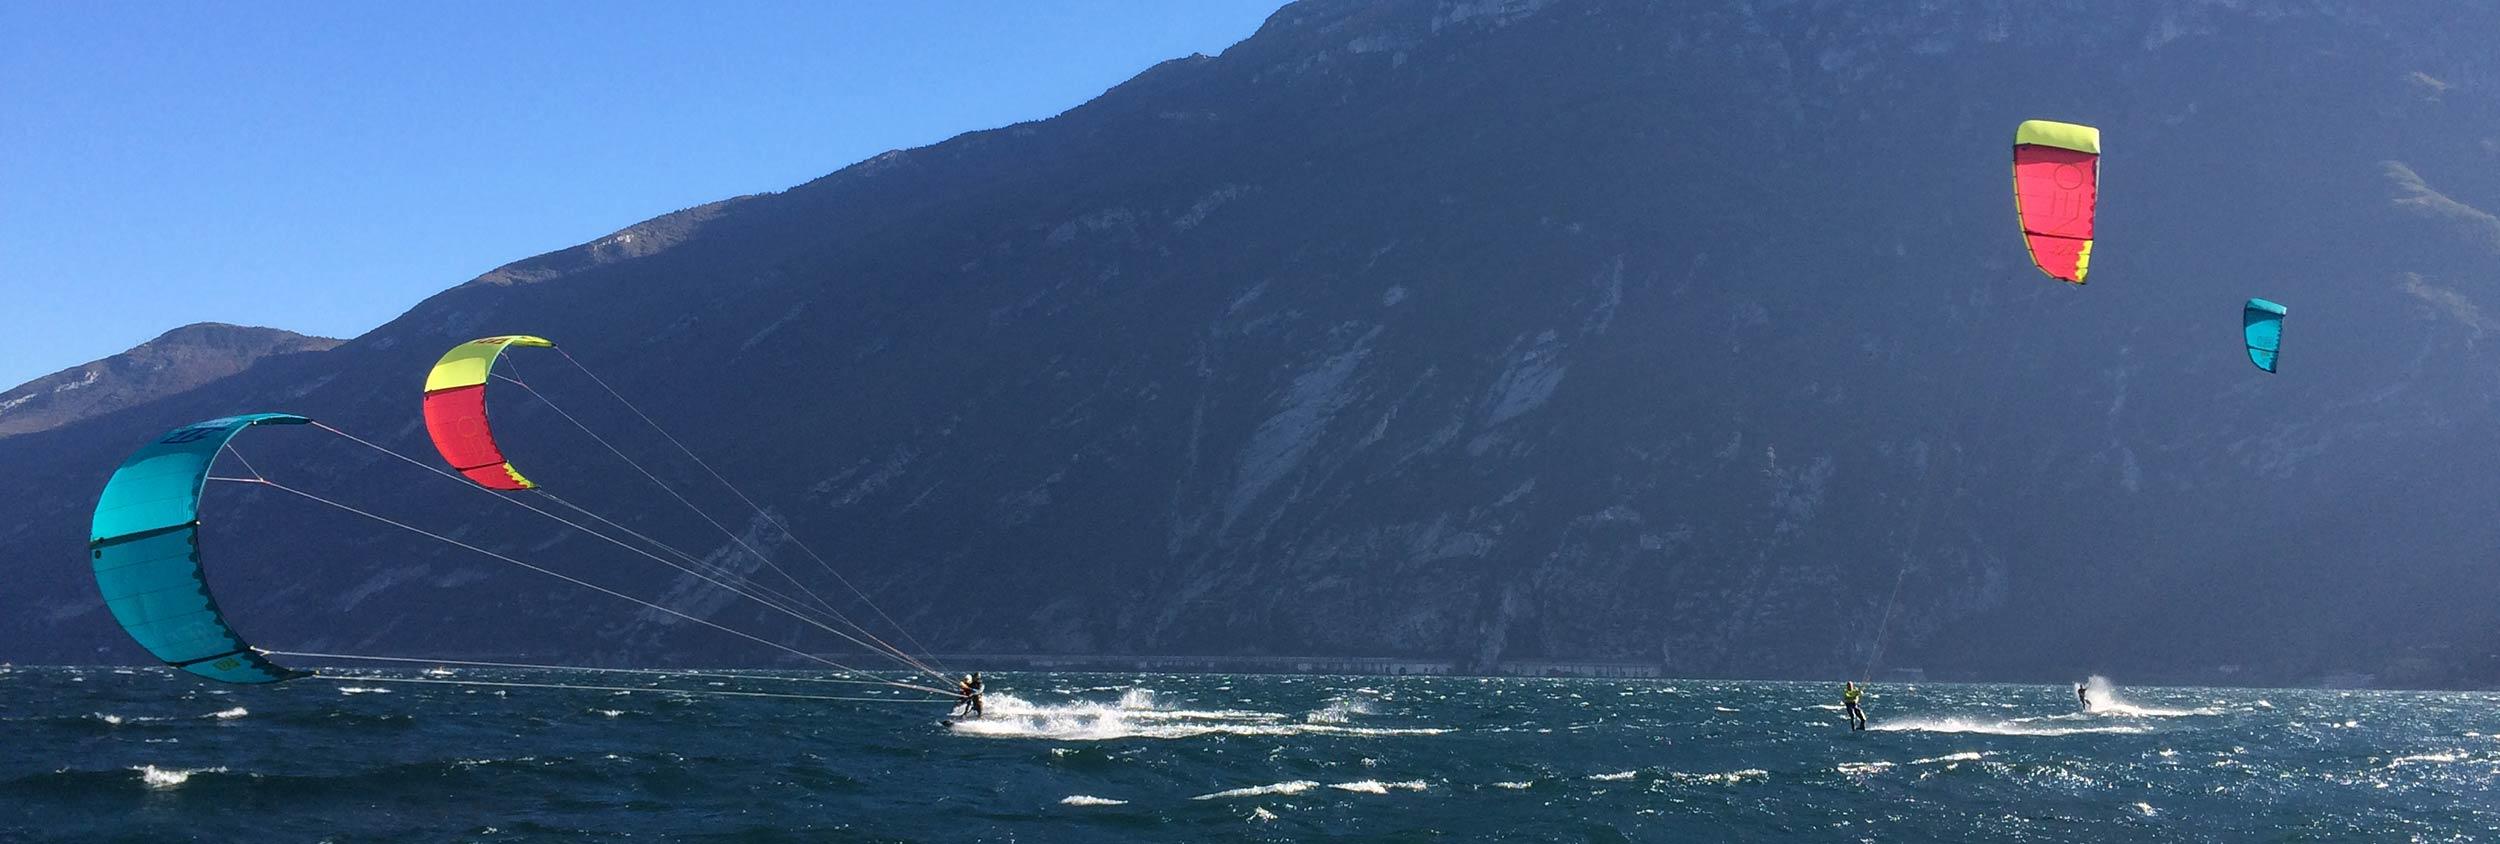 Kite al Lago di Garda, uno dei migliori Kite Spot d'Italia